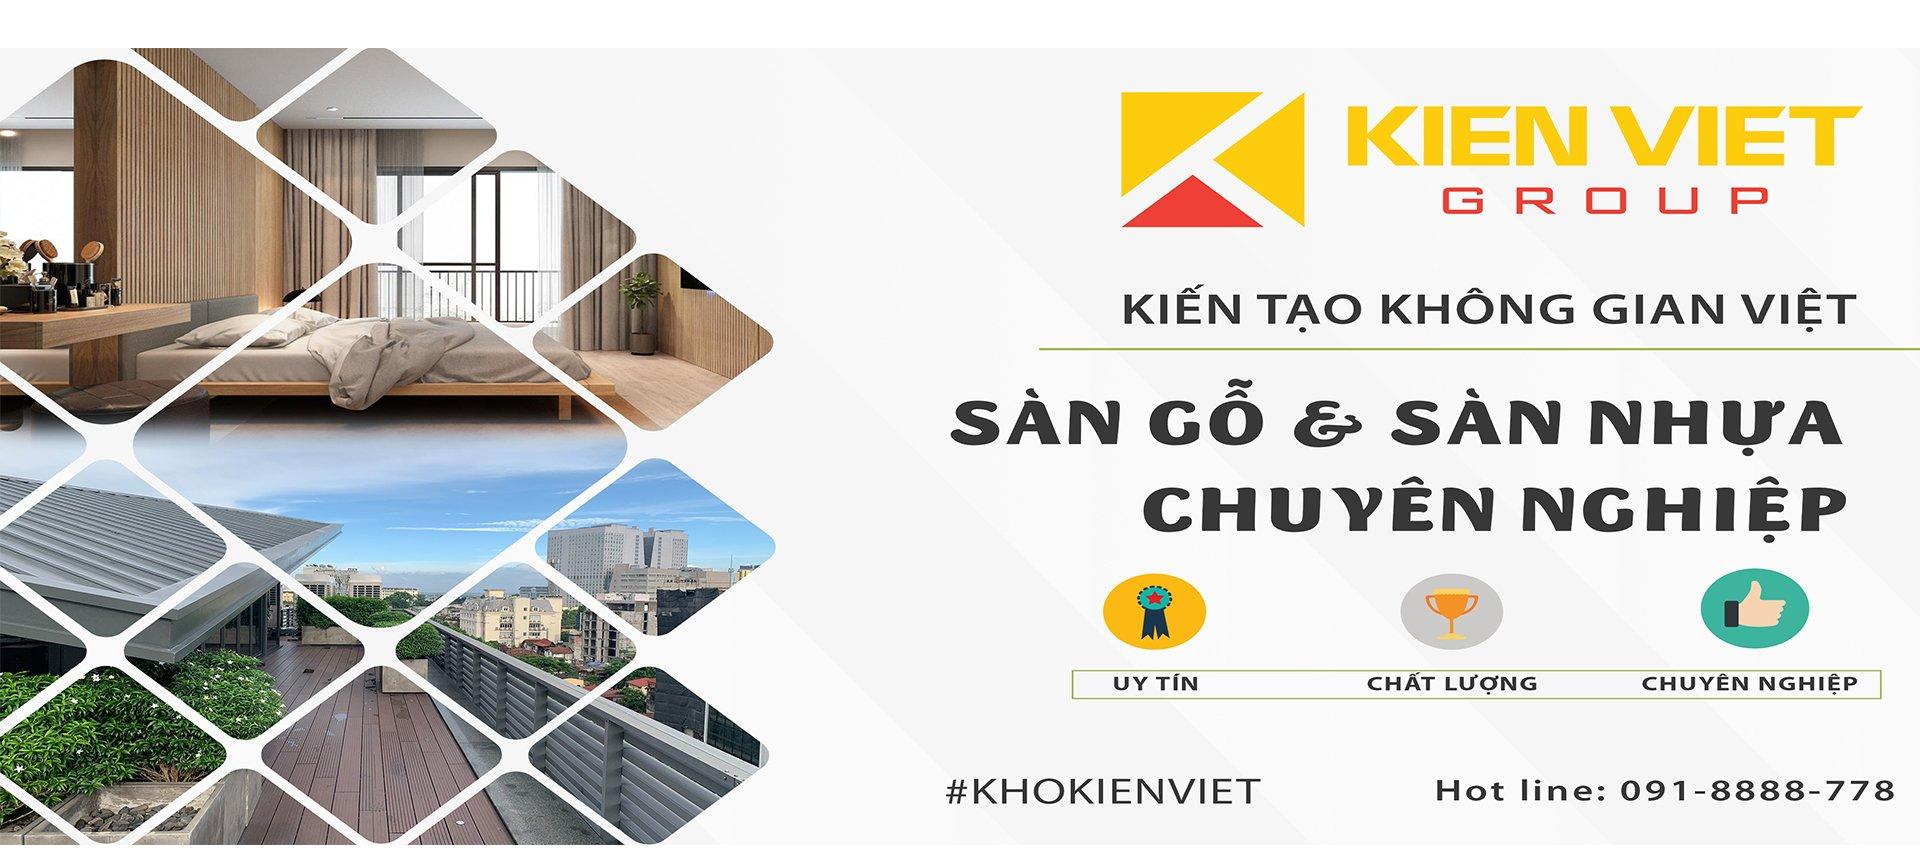 KHO KIẾN VIỆT - Kiến tạo không gian Việt